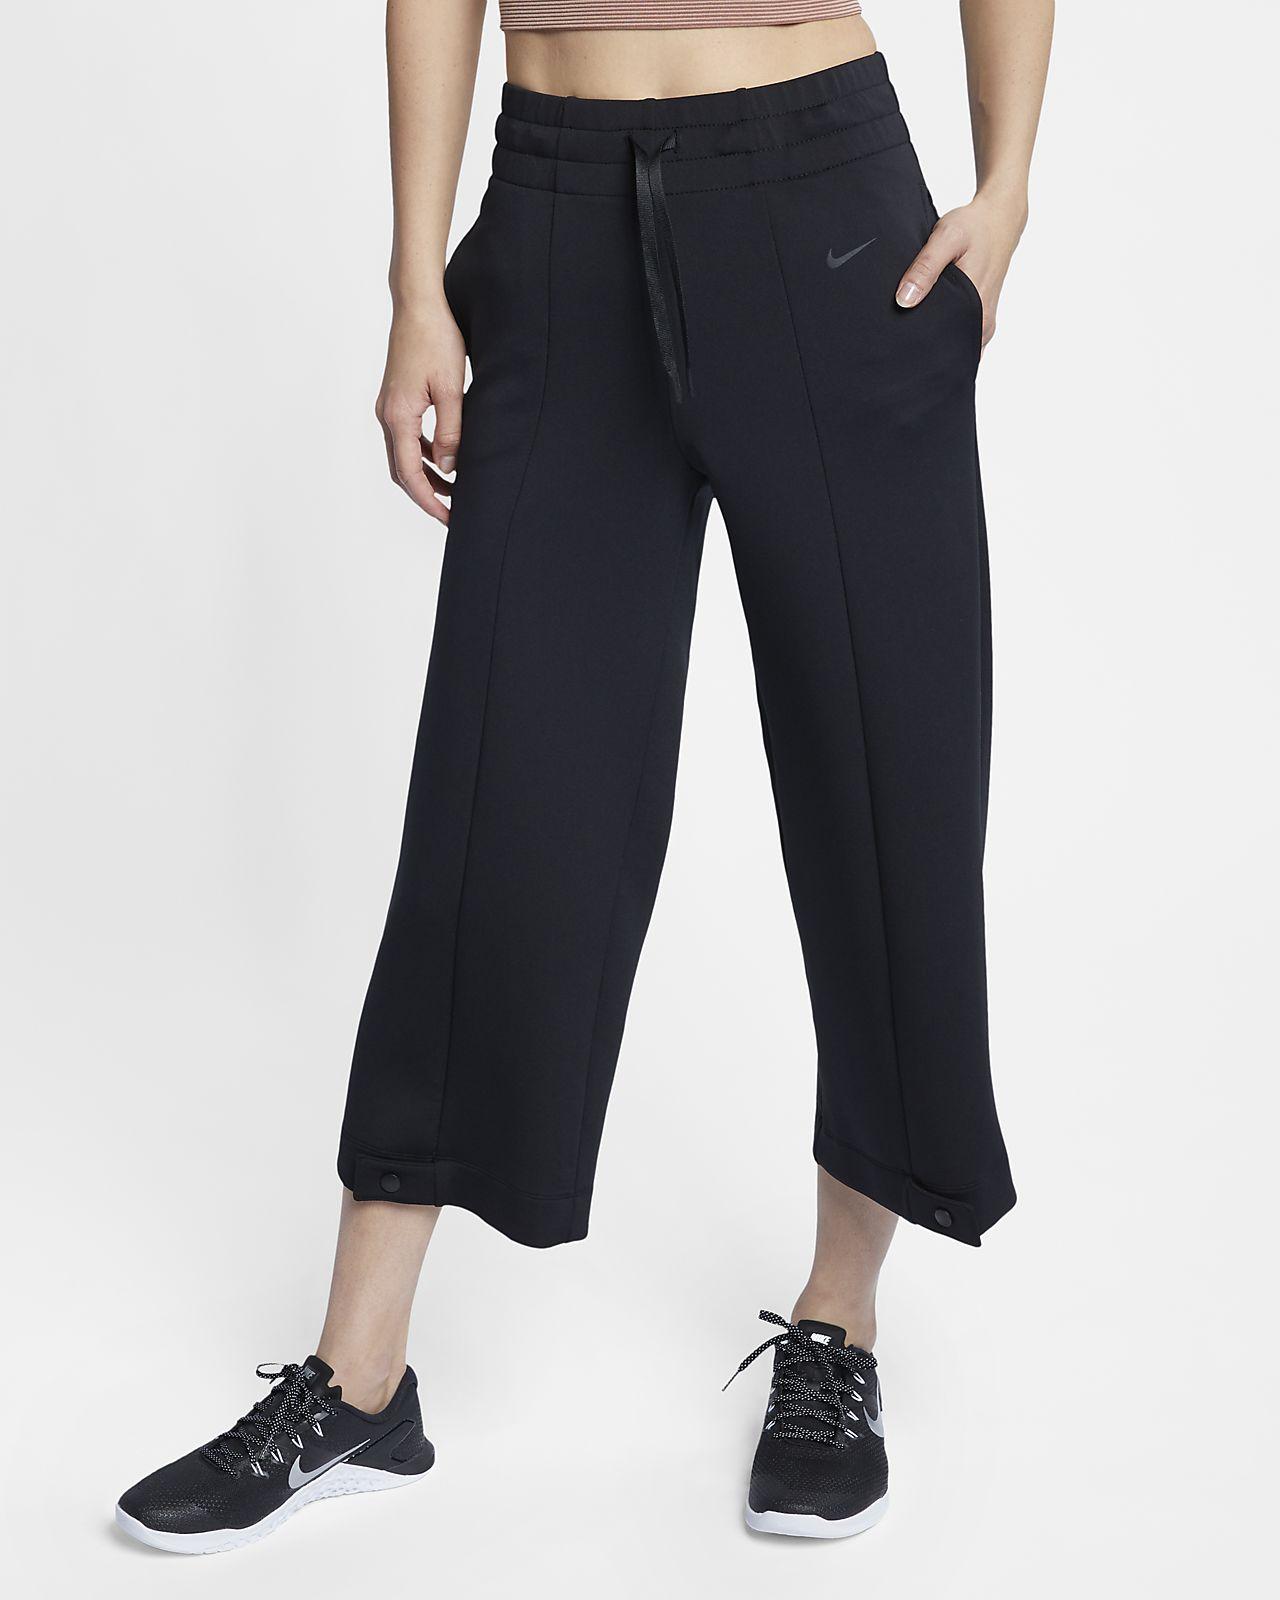 differently 2742c b2c66 ... Pantalon de training Nike Dri-FIT pour Femme